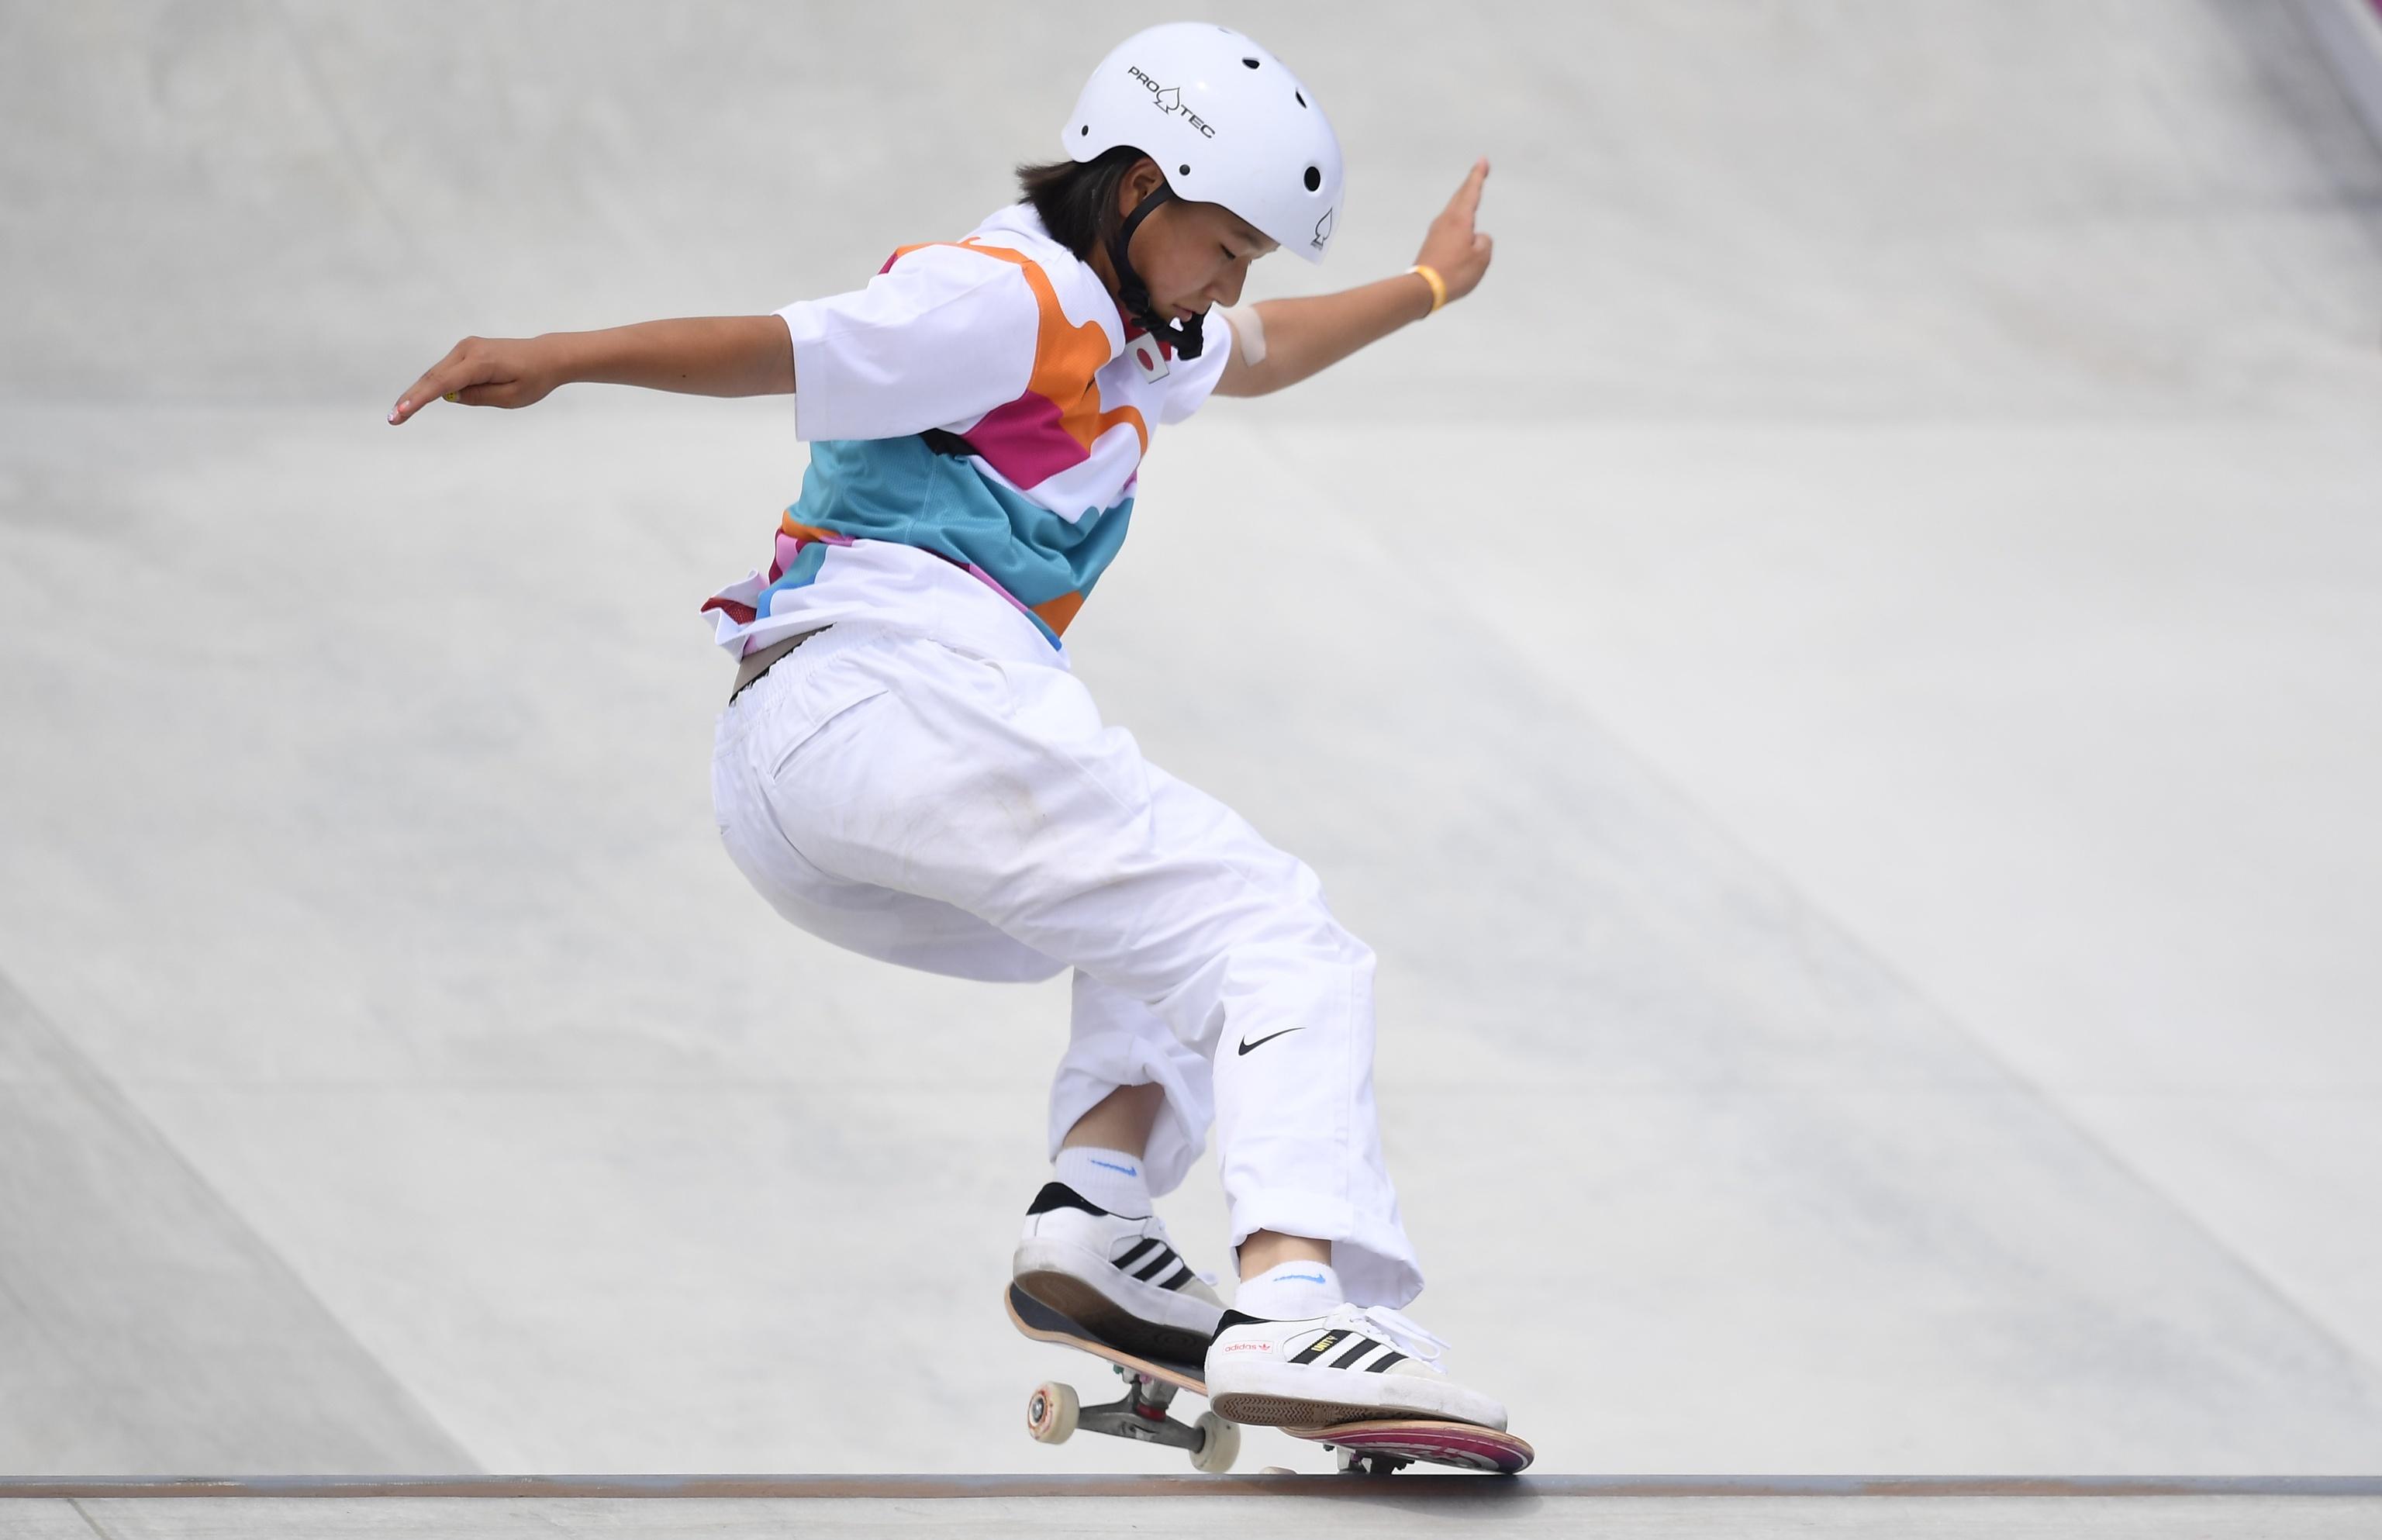 Juegos Olímpicos Tokio 2021: Momiji Nishiya, la niña de oro del  'skateboarding' | Juegos Olímpicos de Tokio